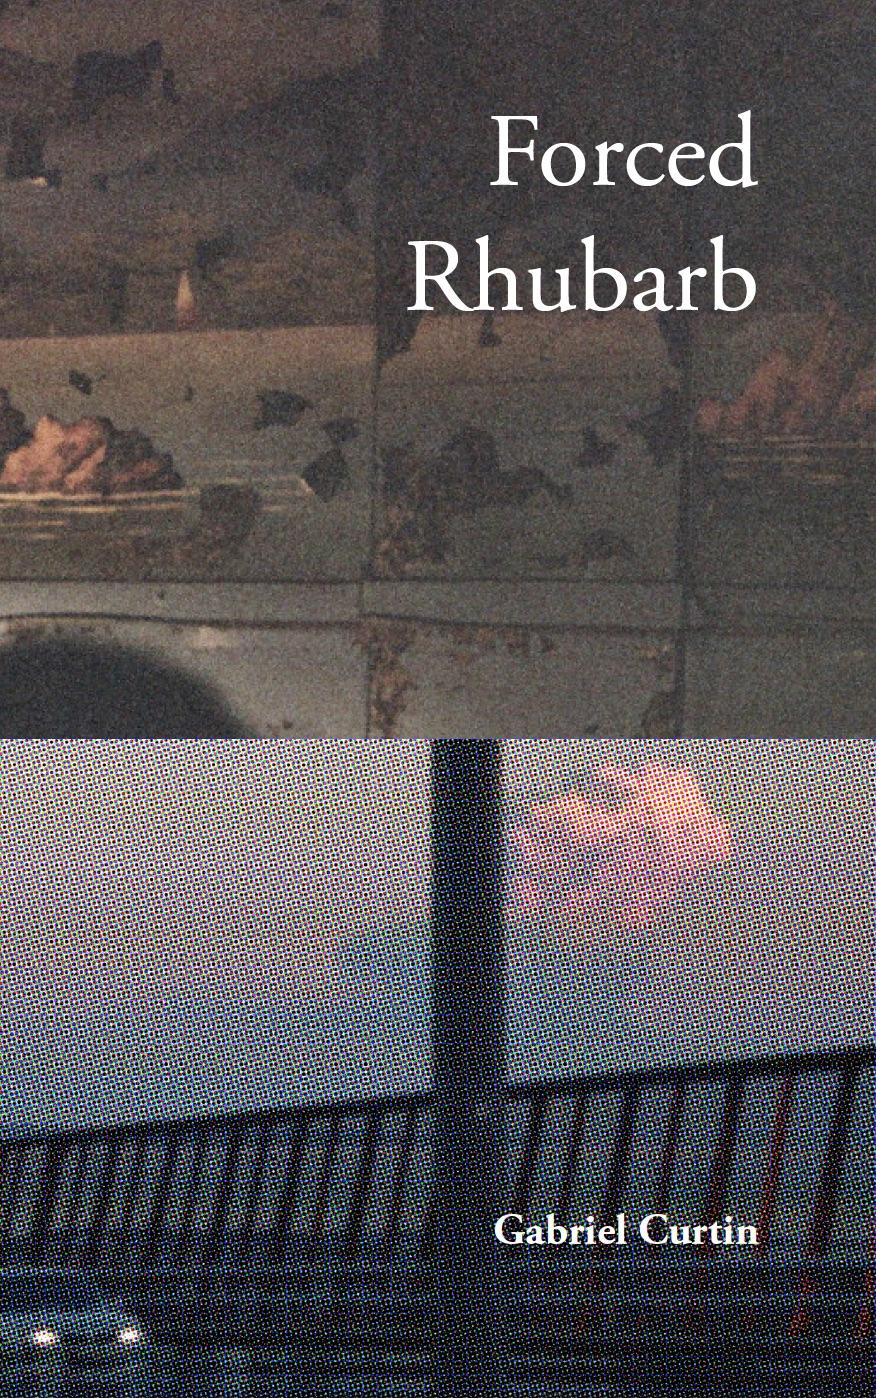 Forced Rhubarb.jpg